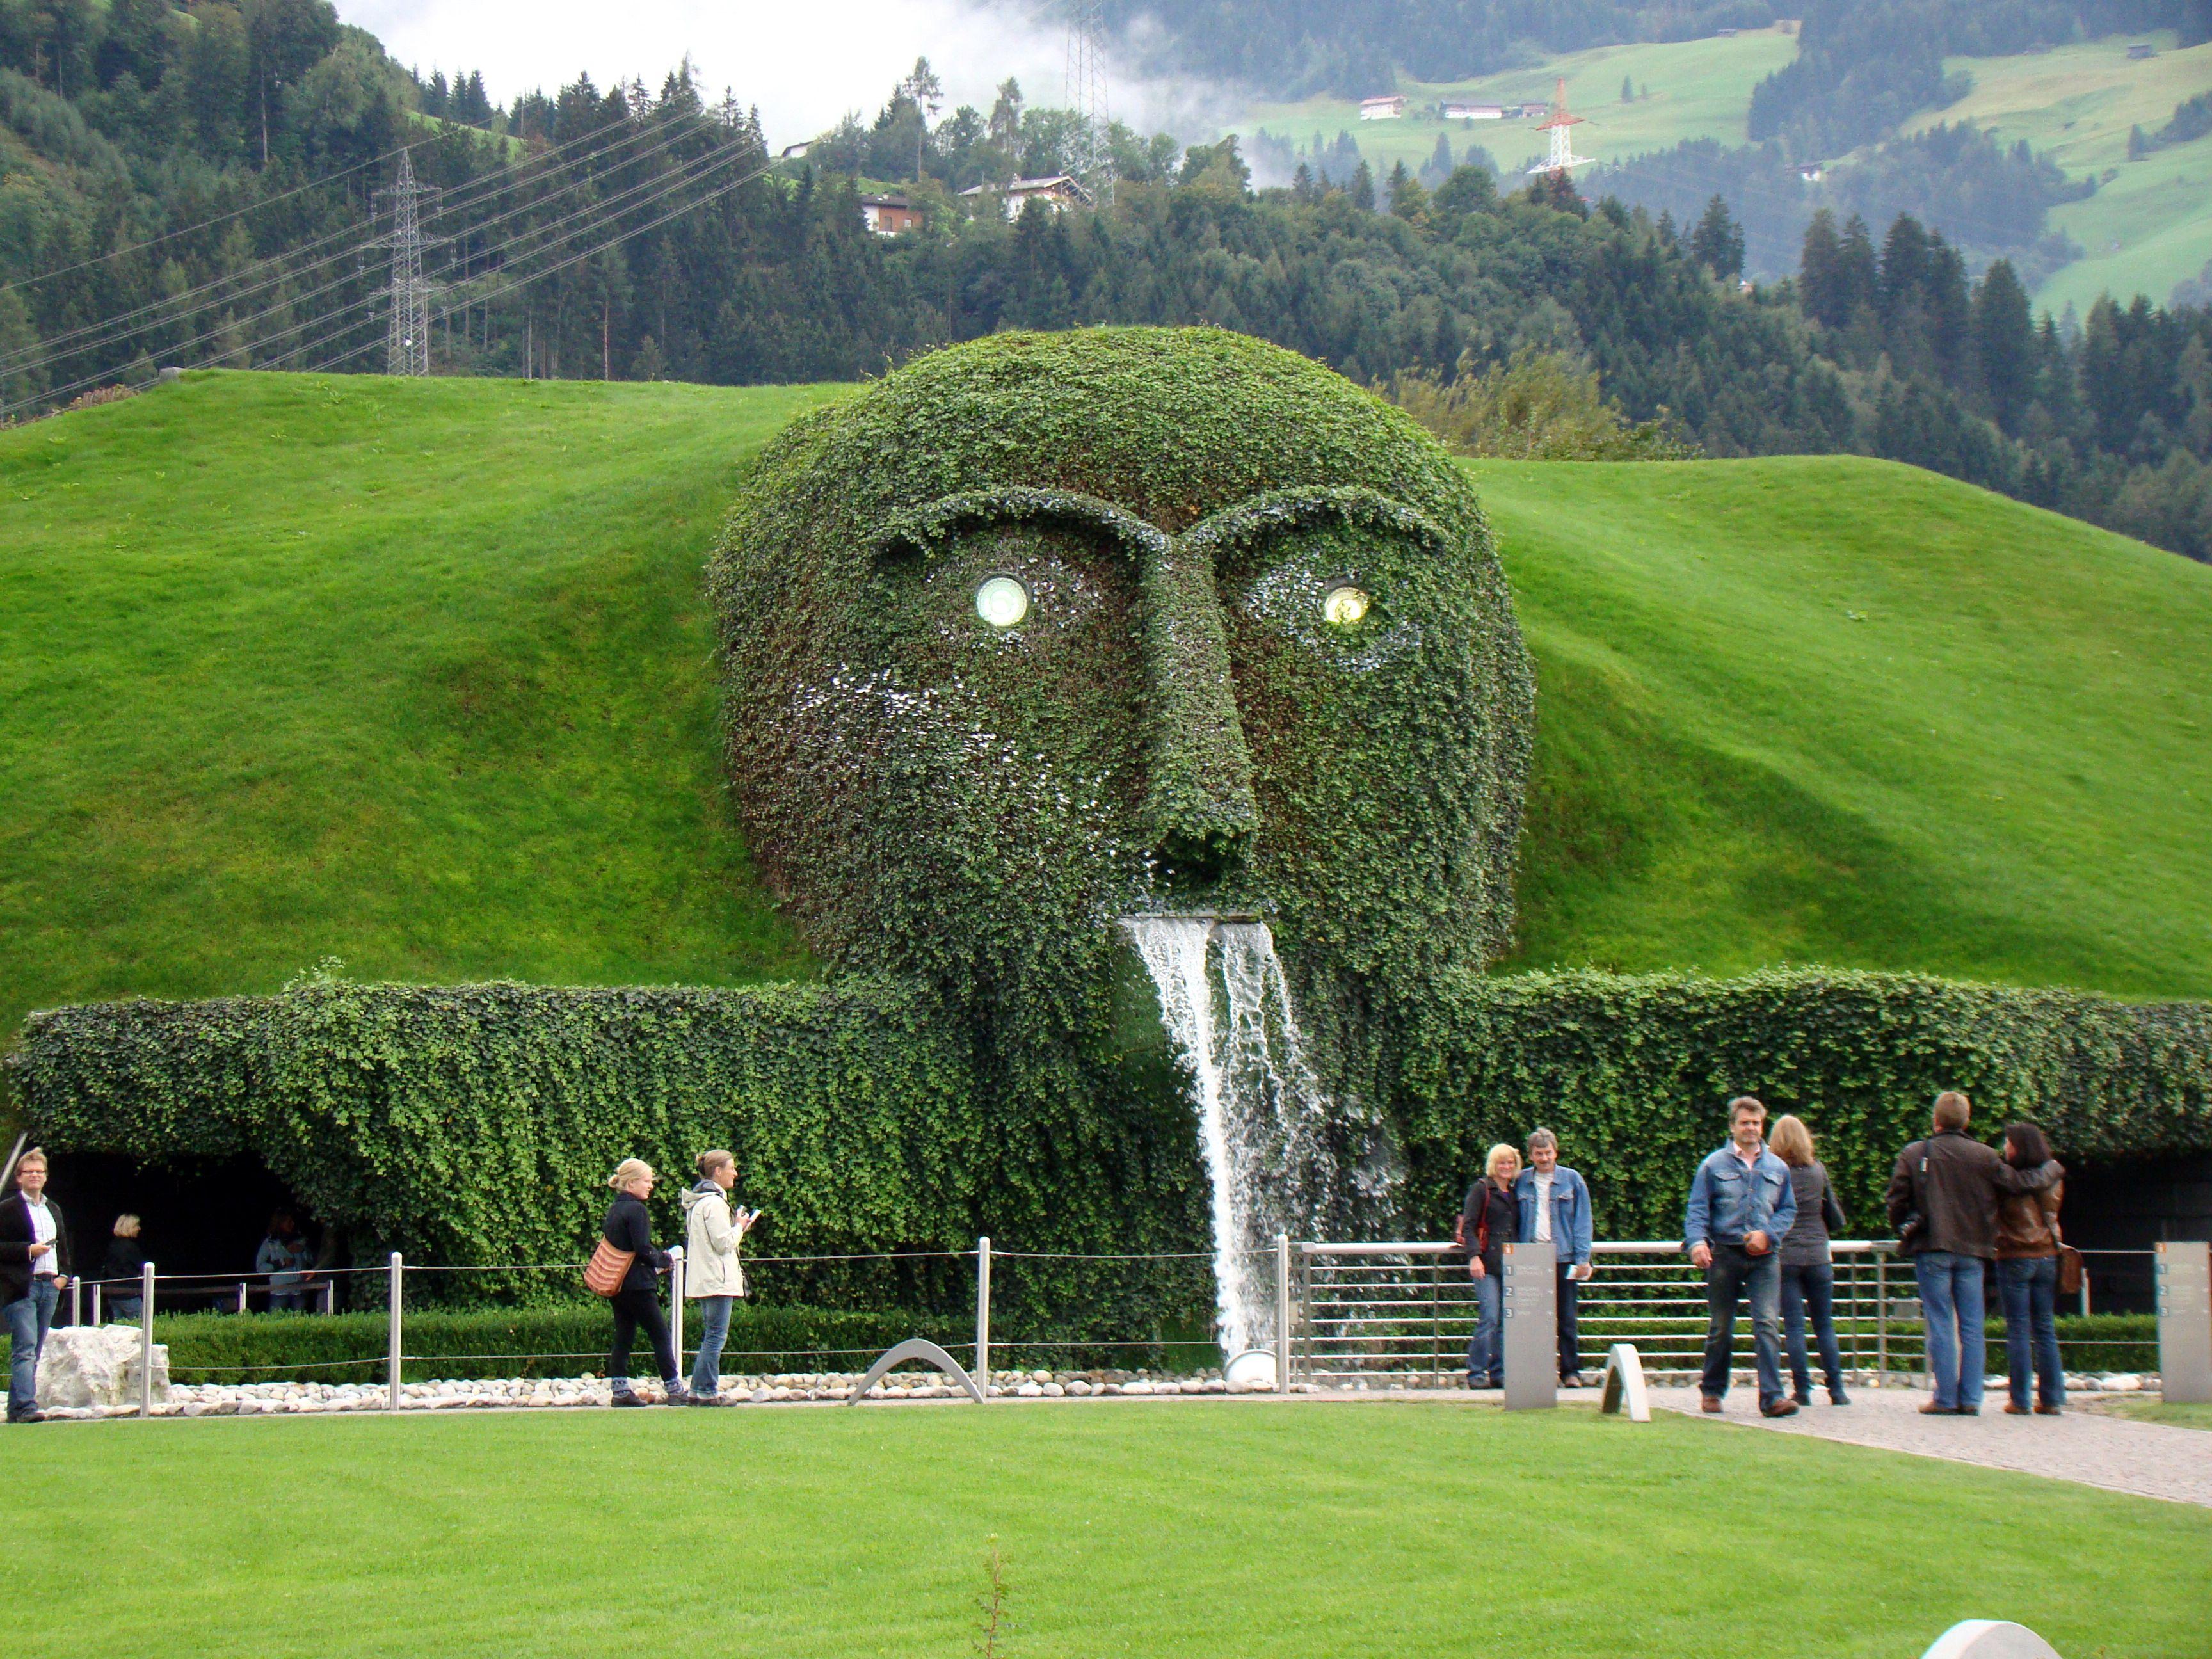 Swarovski Kristallwelten - österreich